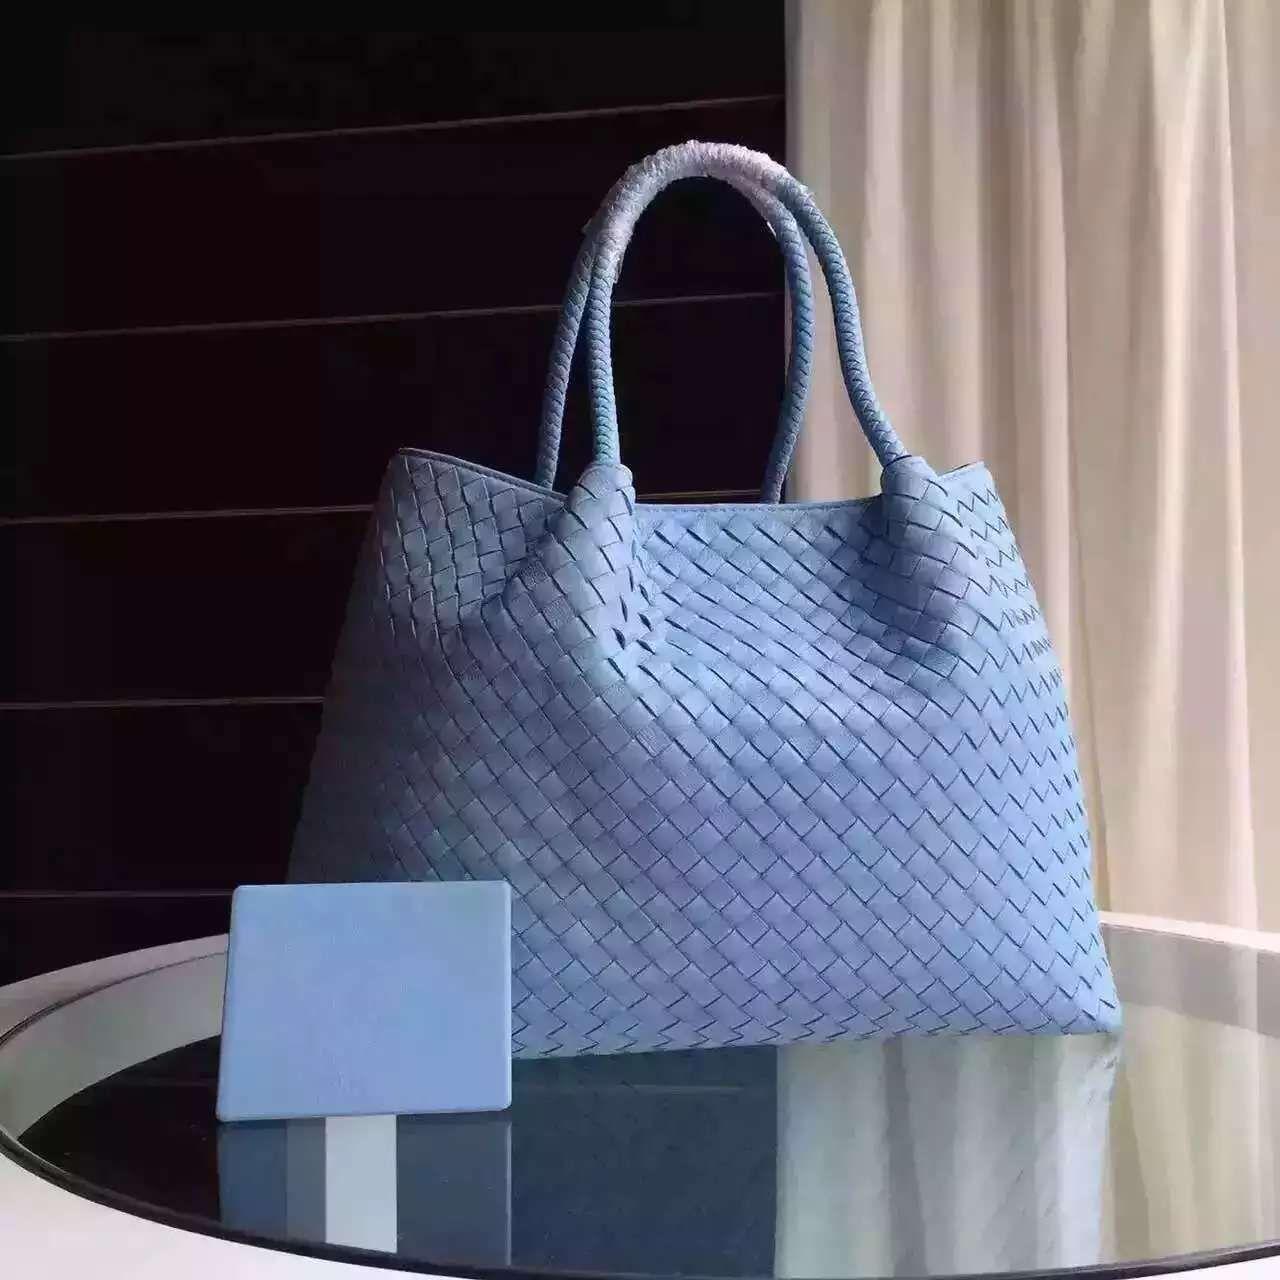 Bottega Veneta Bag Id 50988 Forsale A Yybags Com Bottega Veneta Designer Handbag Brands Bottega Bottega Veneta Bag Bottega Venetta Bottega Veneta Handbag